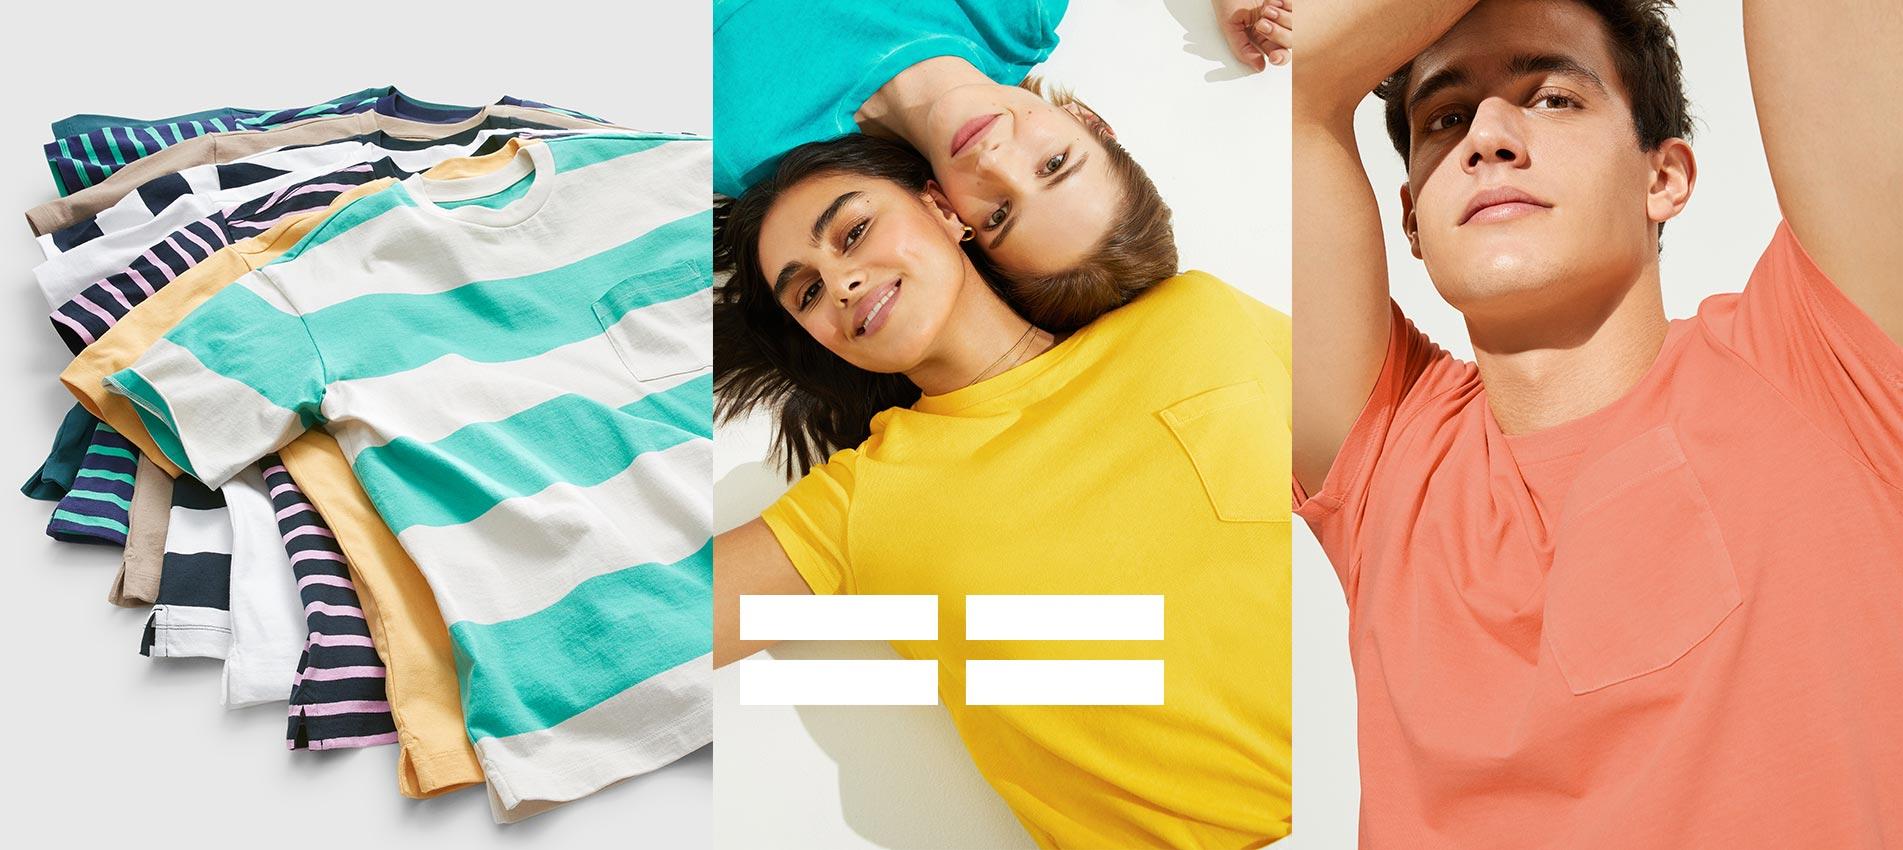 Güneşi seviyoruz! Özlediğimiz sıcak havaları rengarenk ve konforlu t-shirt'ler ile karşılıyoruz